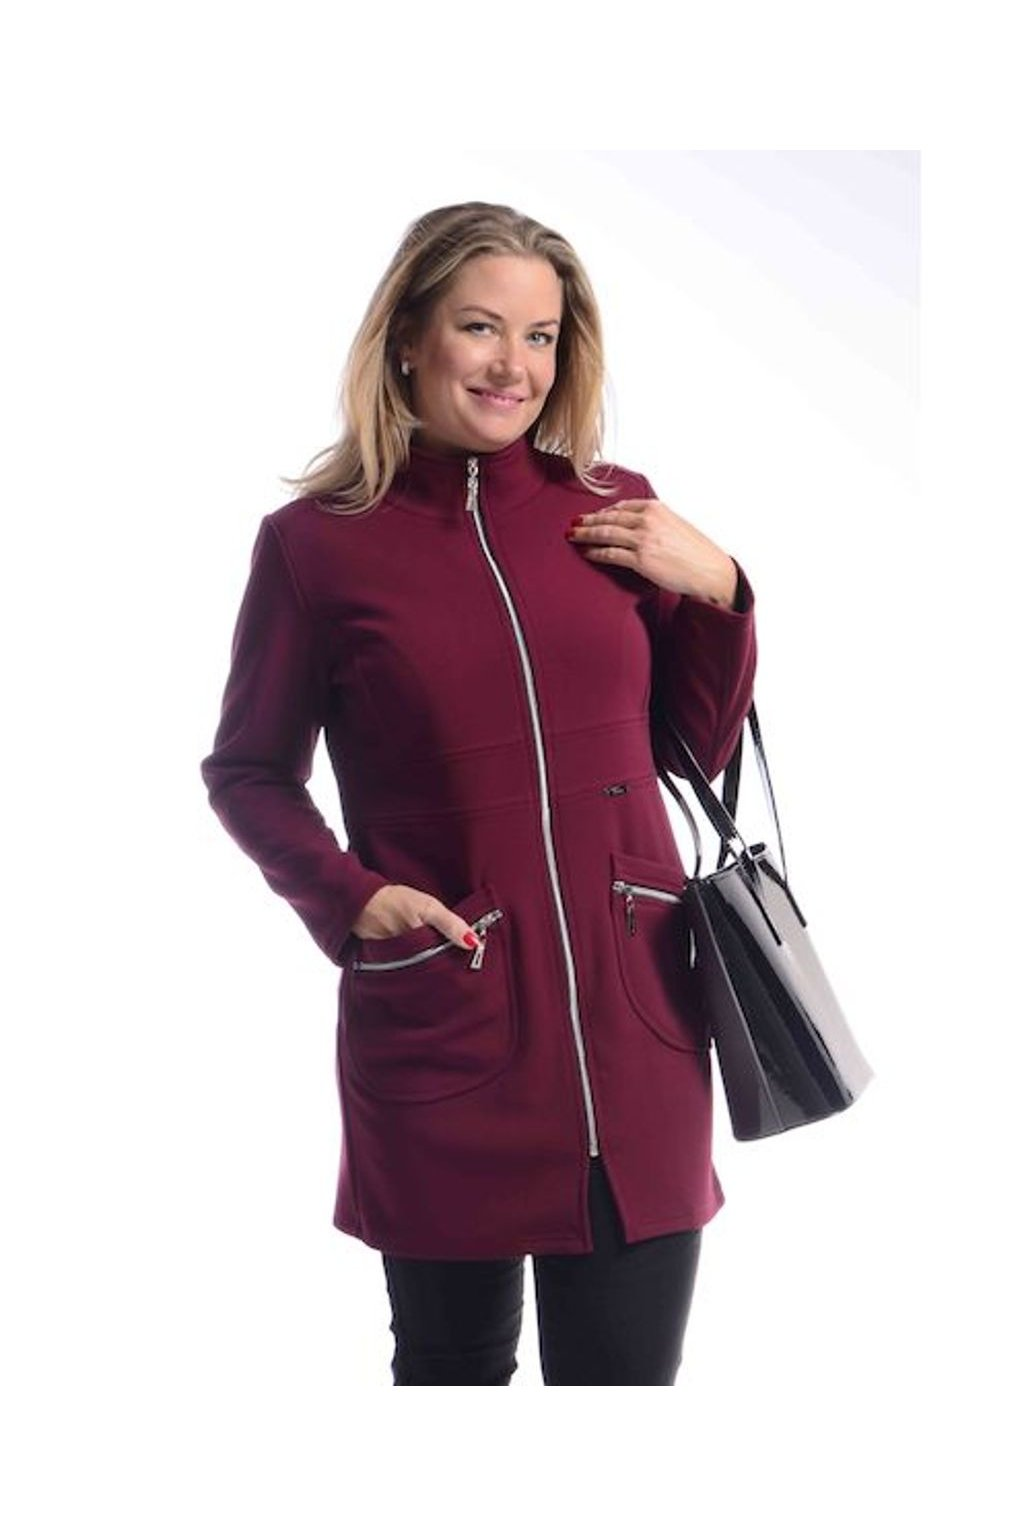 7120 Kabát Elegance (Velikost 36, Barva Vínová)